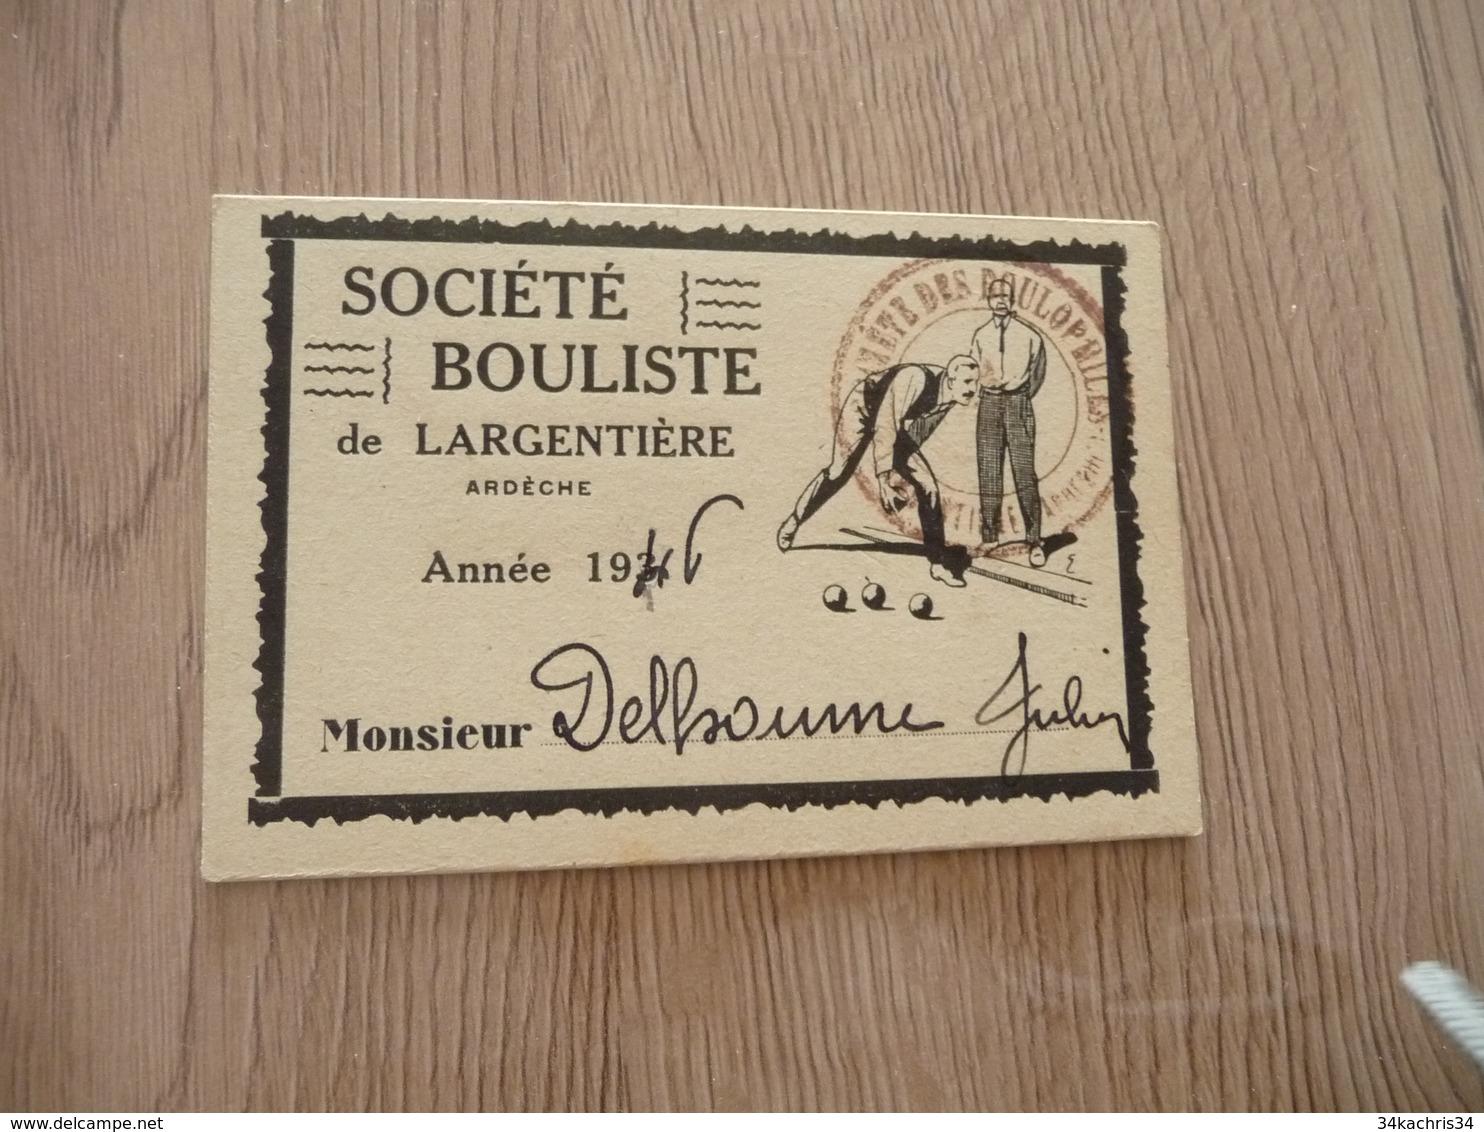 Carte De Membre Pétanque Boules Société Boulistique De Largentière Ardèche 1946 - Bowls - Pétanque